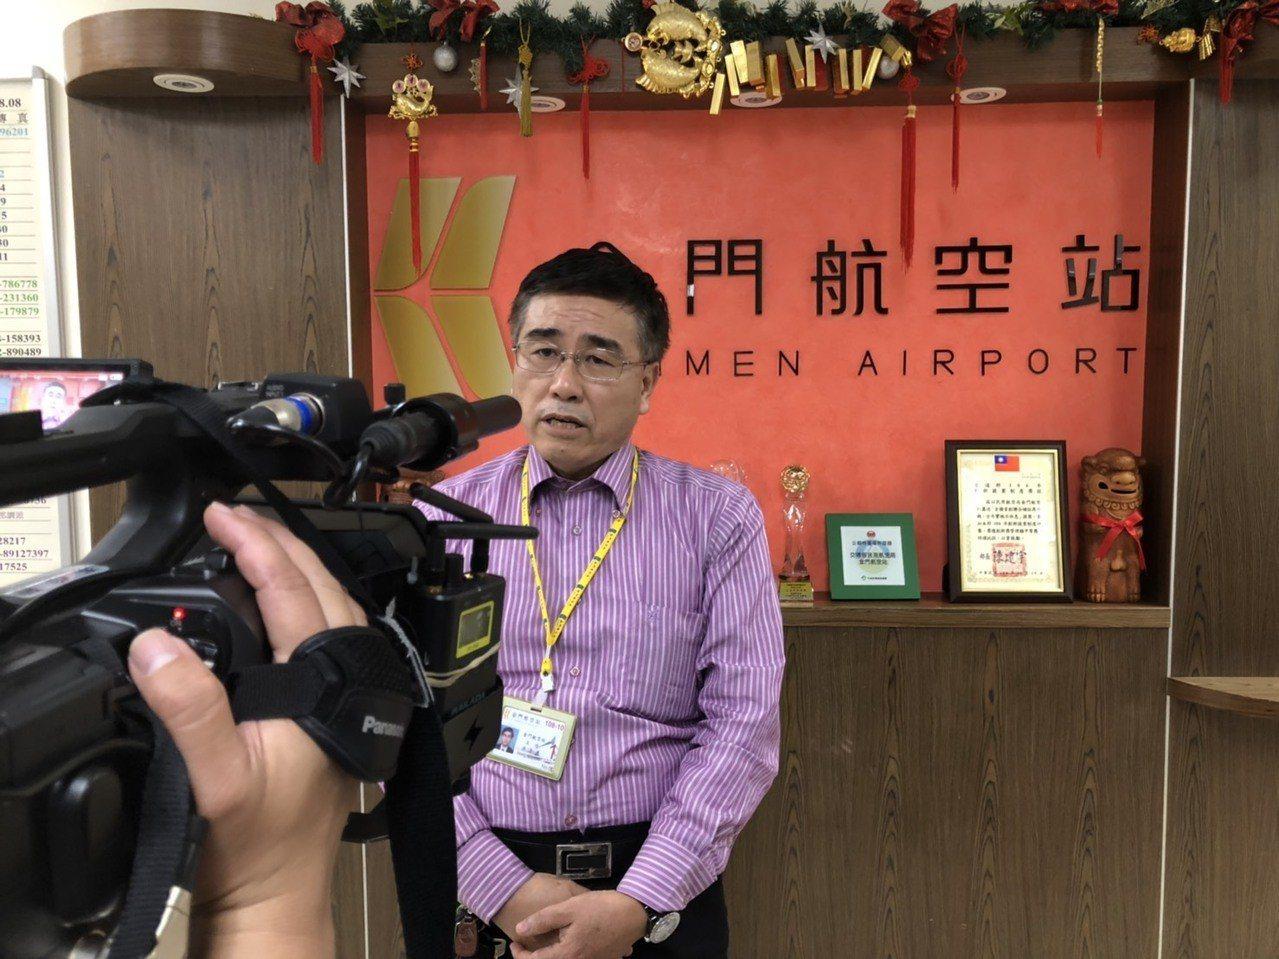 金門航空站主任洪念慈表示,預計深夜就會轉東北風,可望吹走海霧,明天的交通可望恢復...